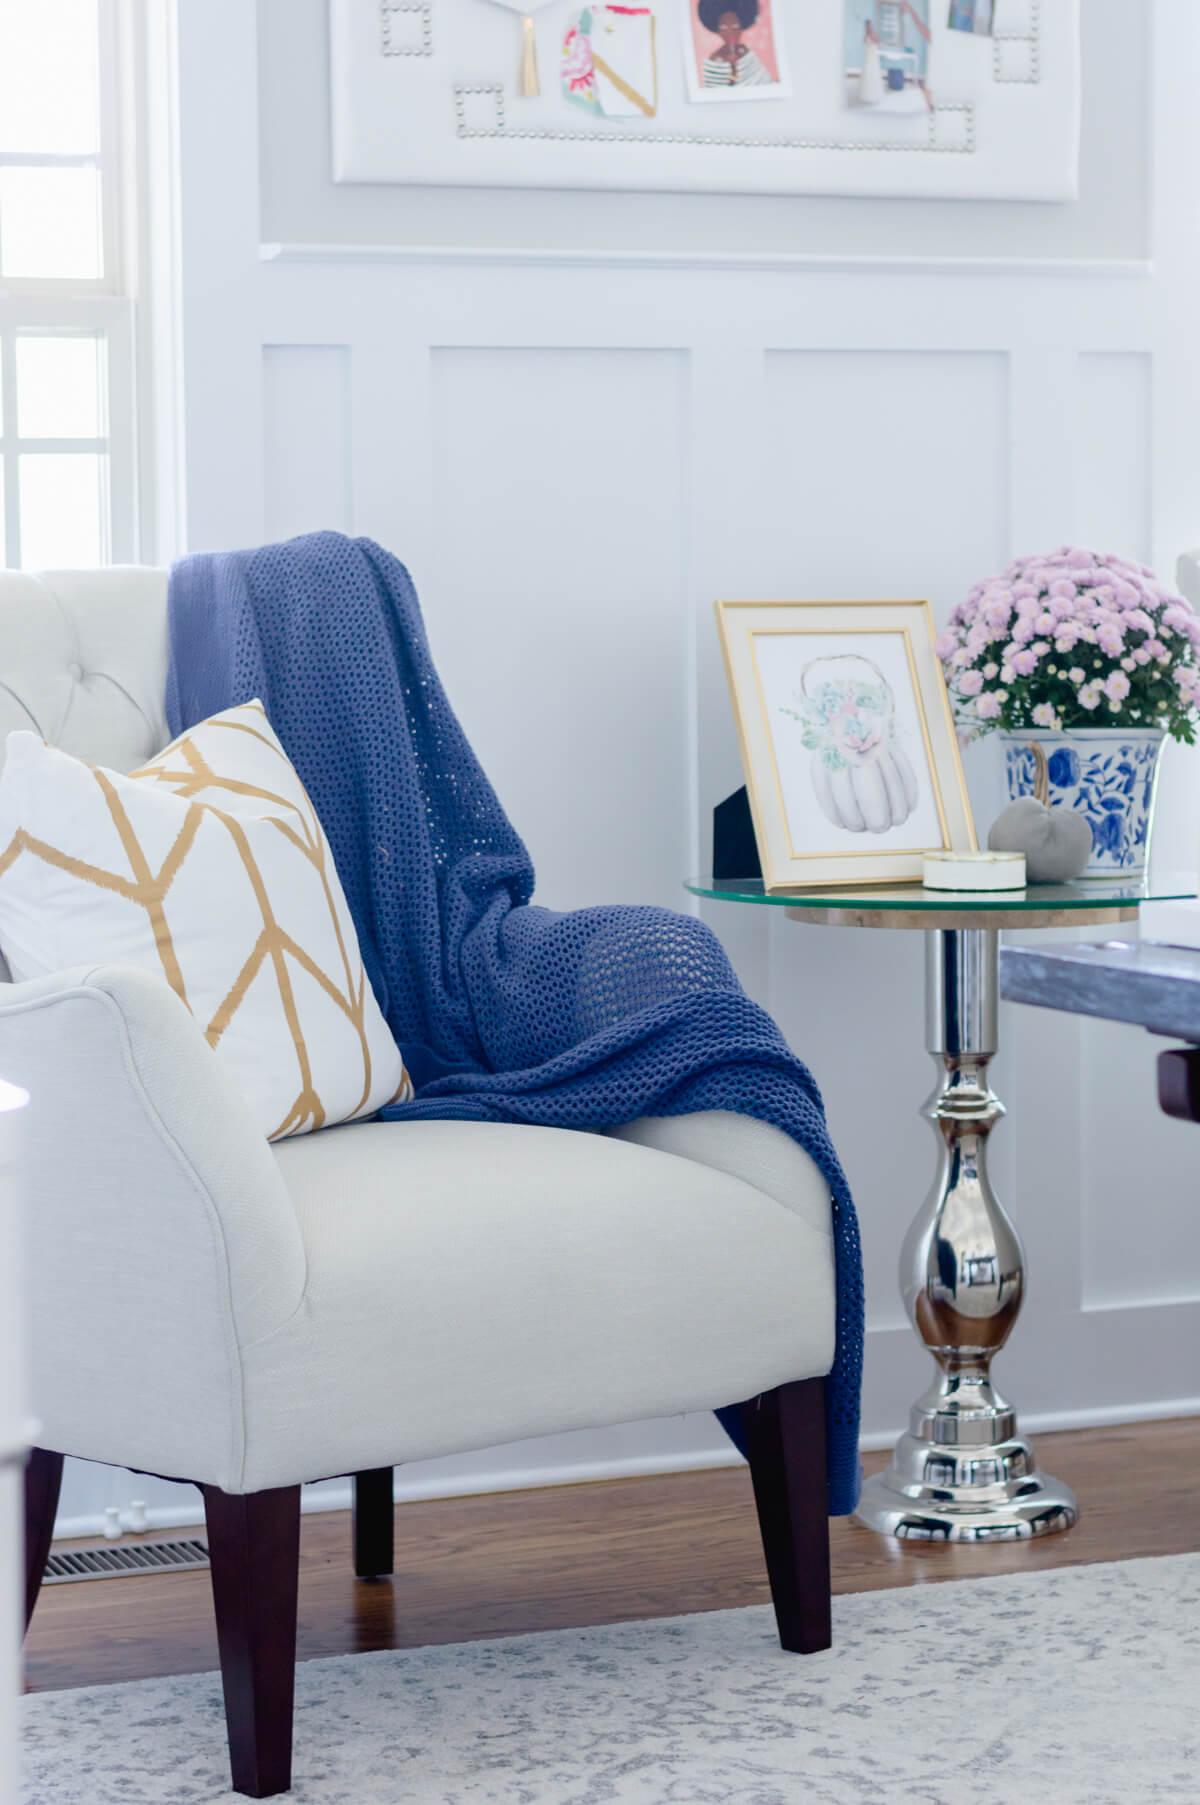 Tufted armchair | the home i create